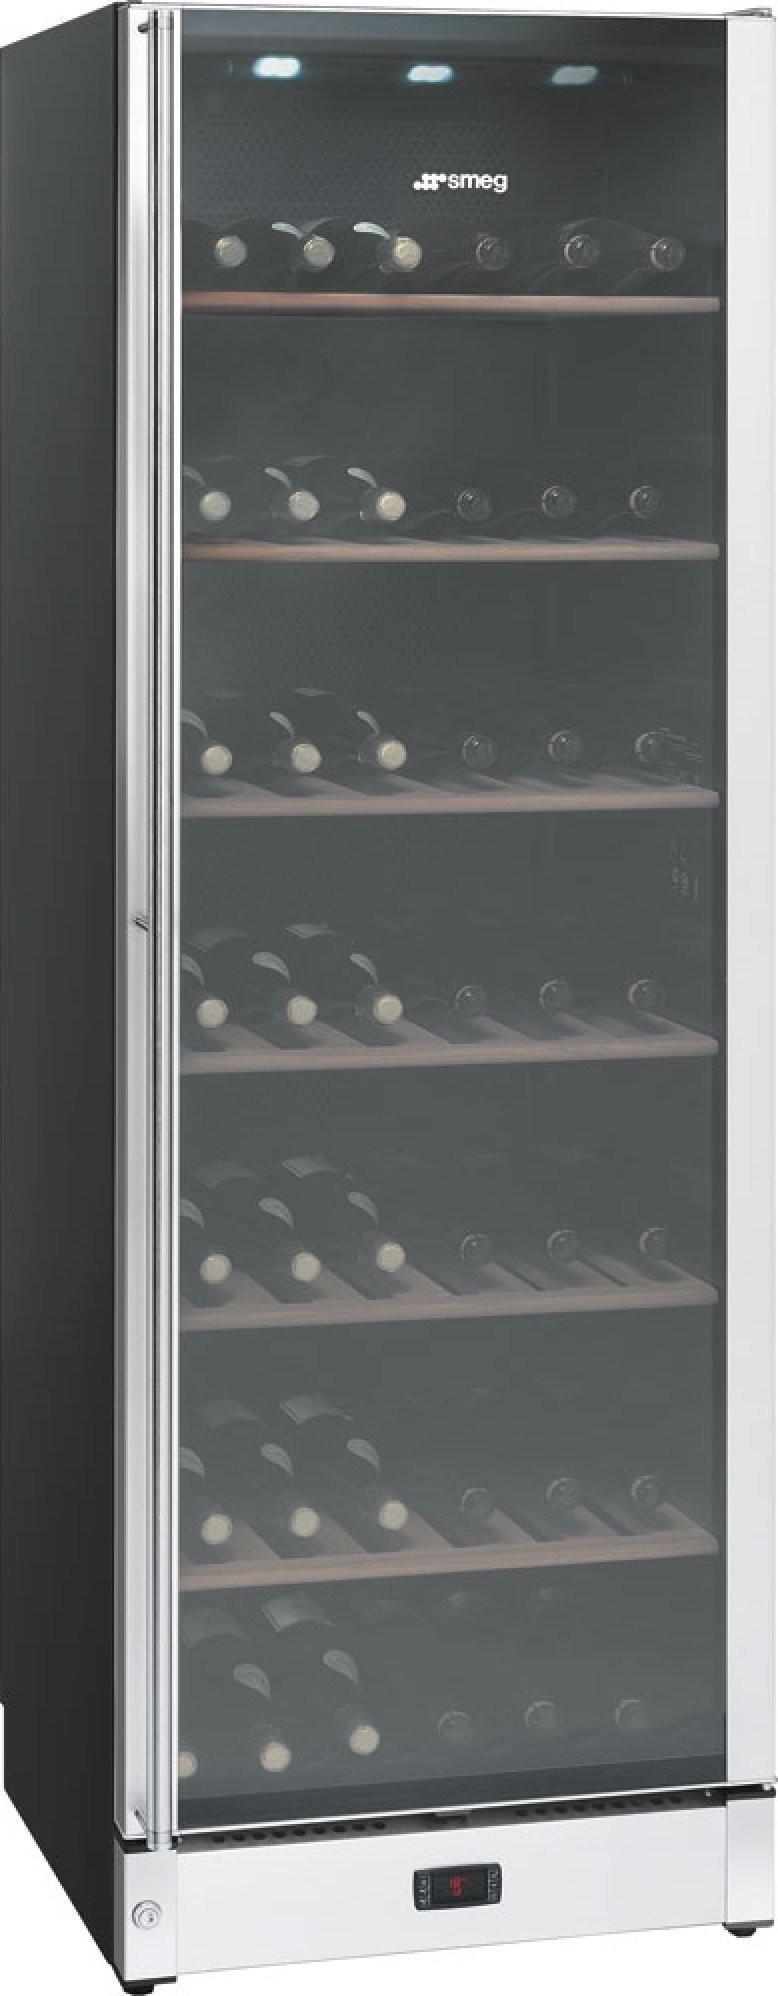 Smeg SCV115AS wijn koelkast roestvrijstaal